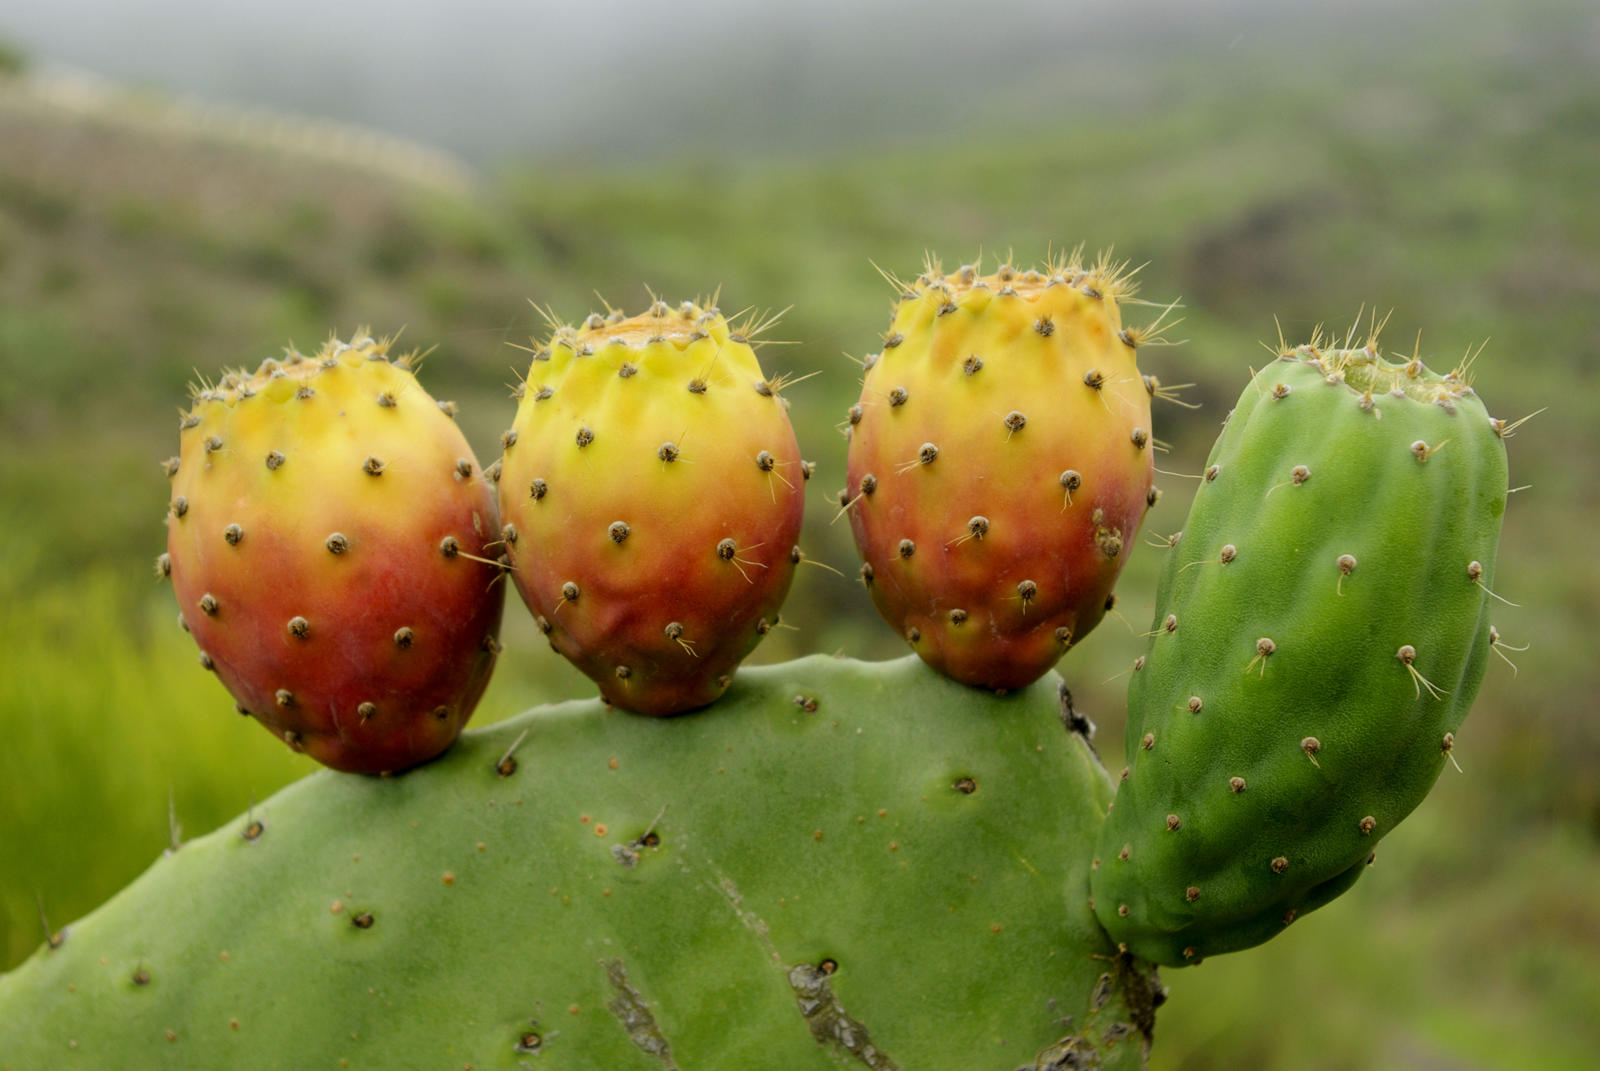 Foto van een cactus dichtbij met groen, rood en geel